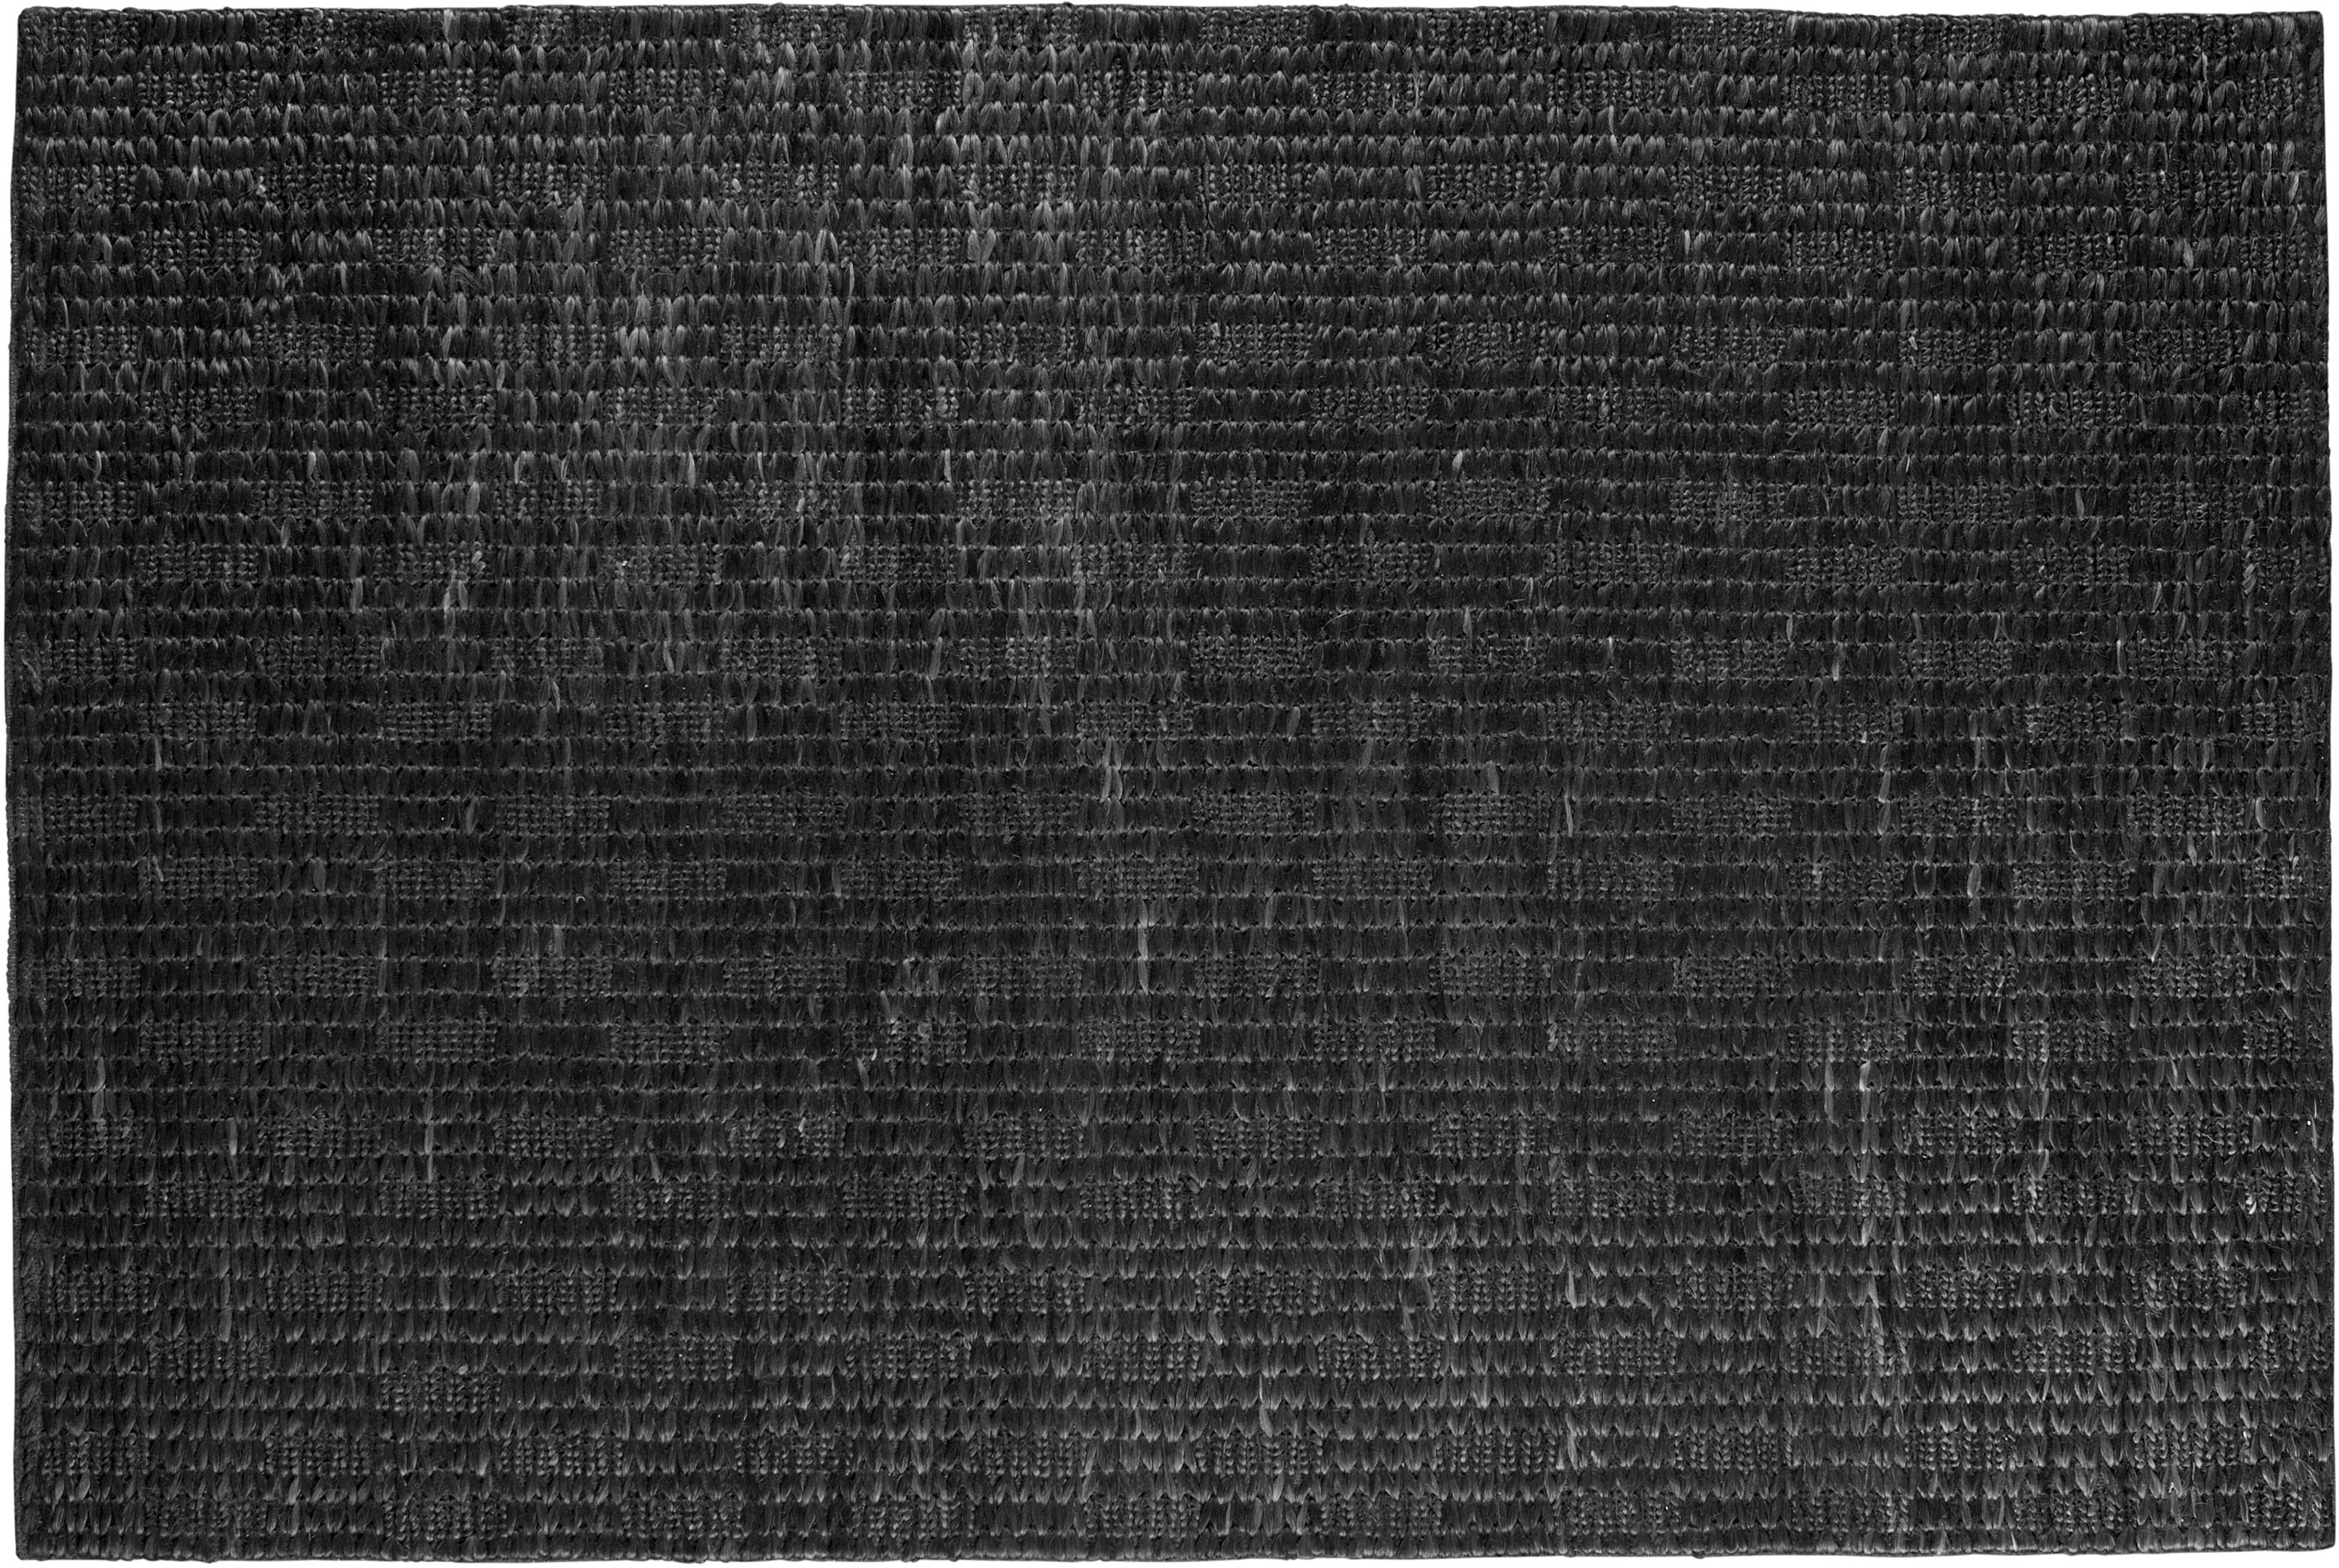 BePureHome Vloerkleed 'Scenes' 170 x 240 cm, kleur Zwart Jute aanschaffen? Kijk hier!